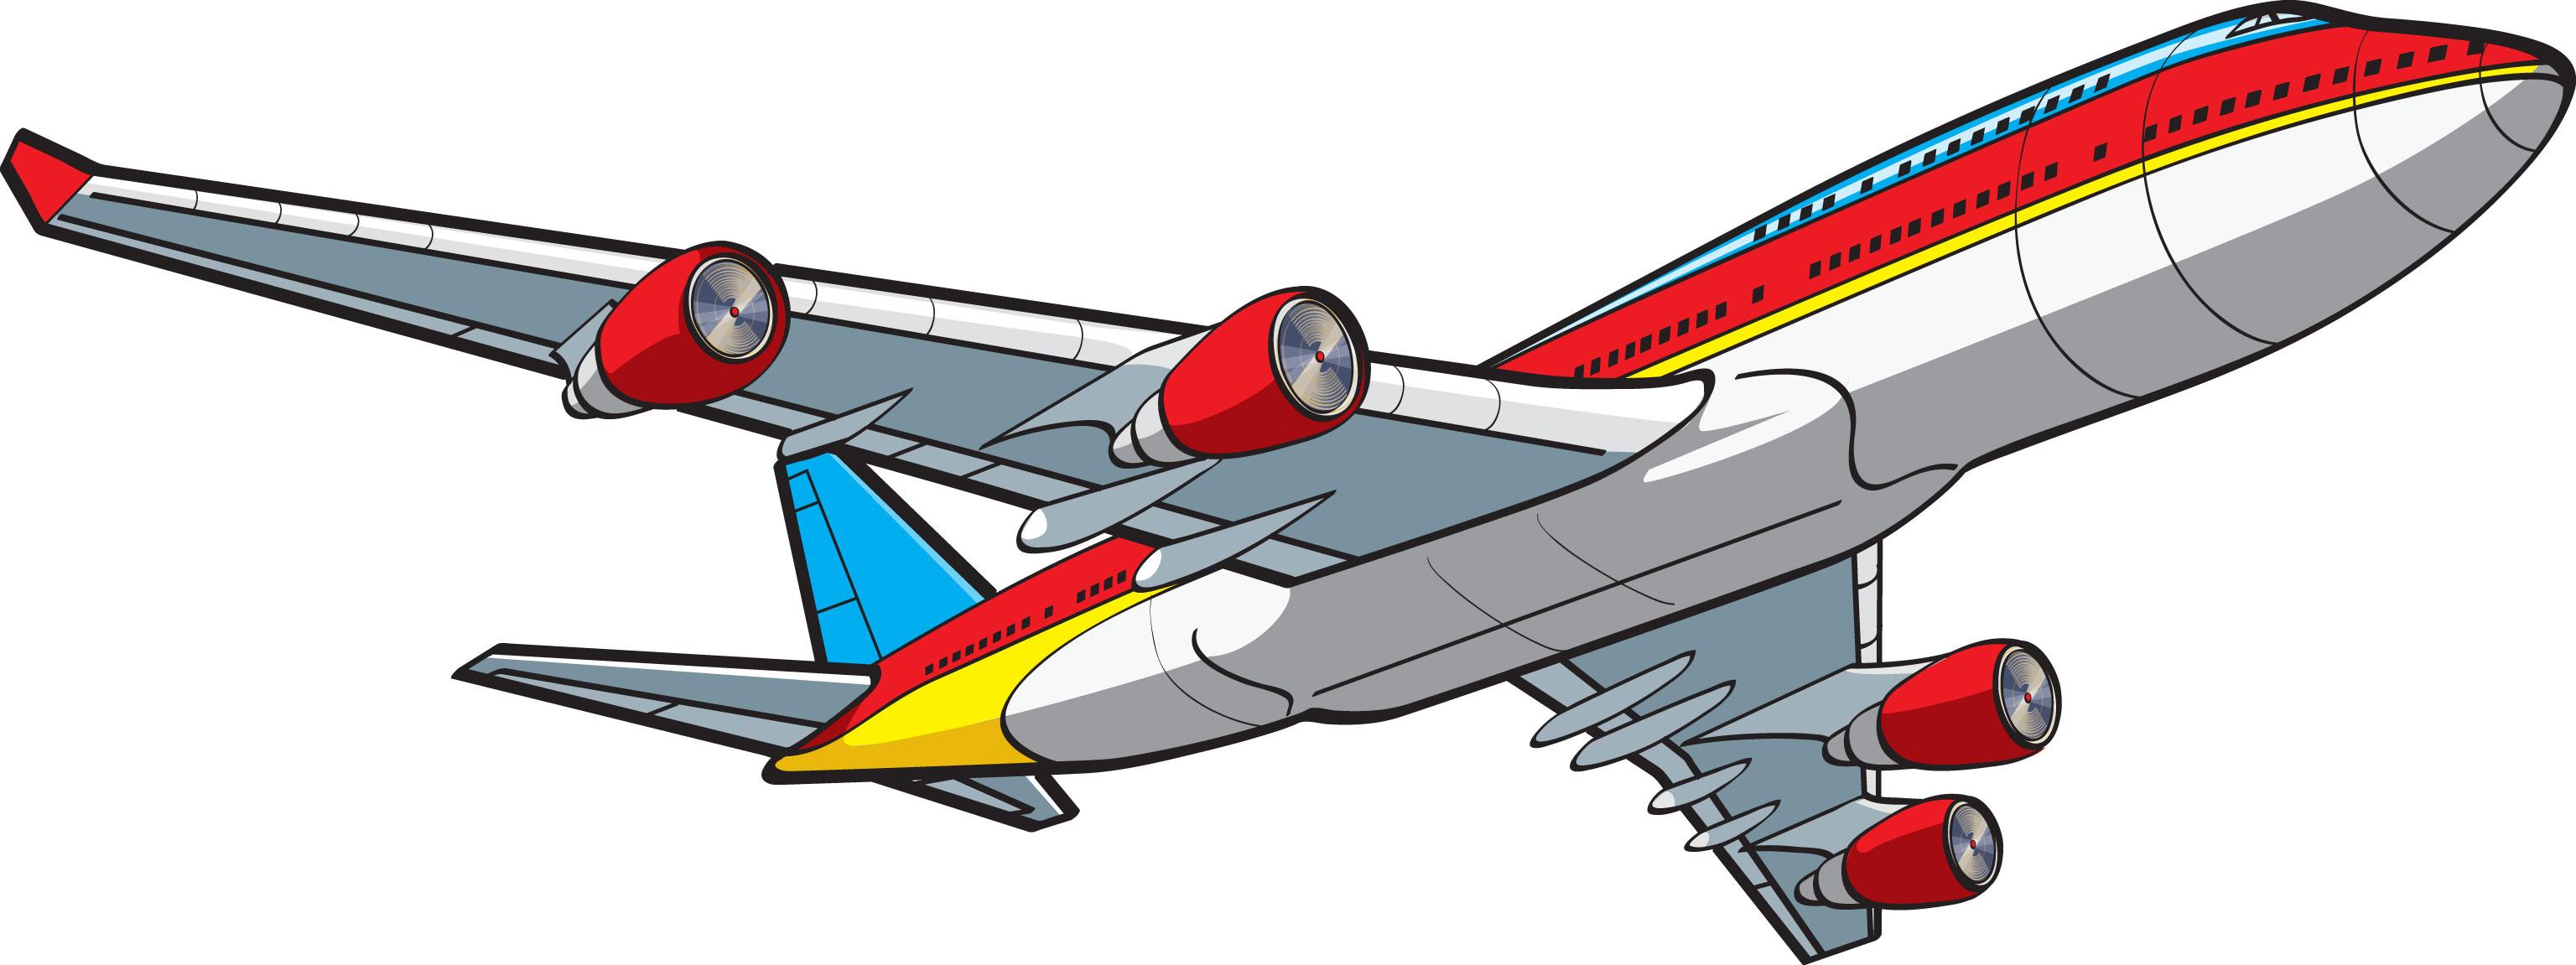 cute airplane clipart